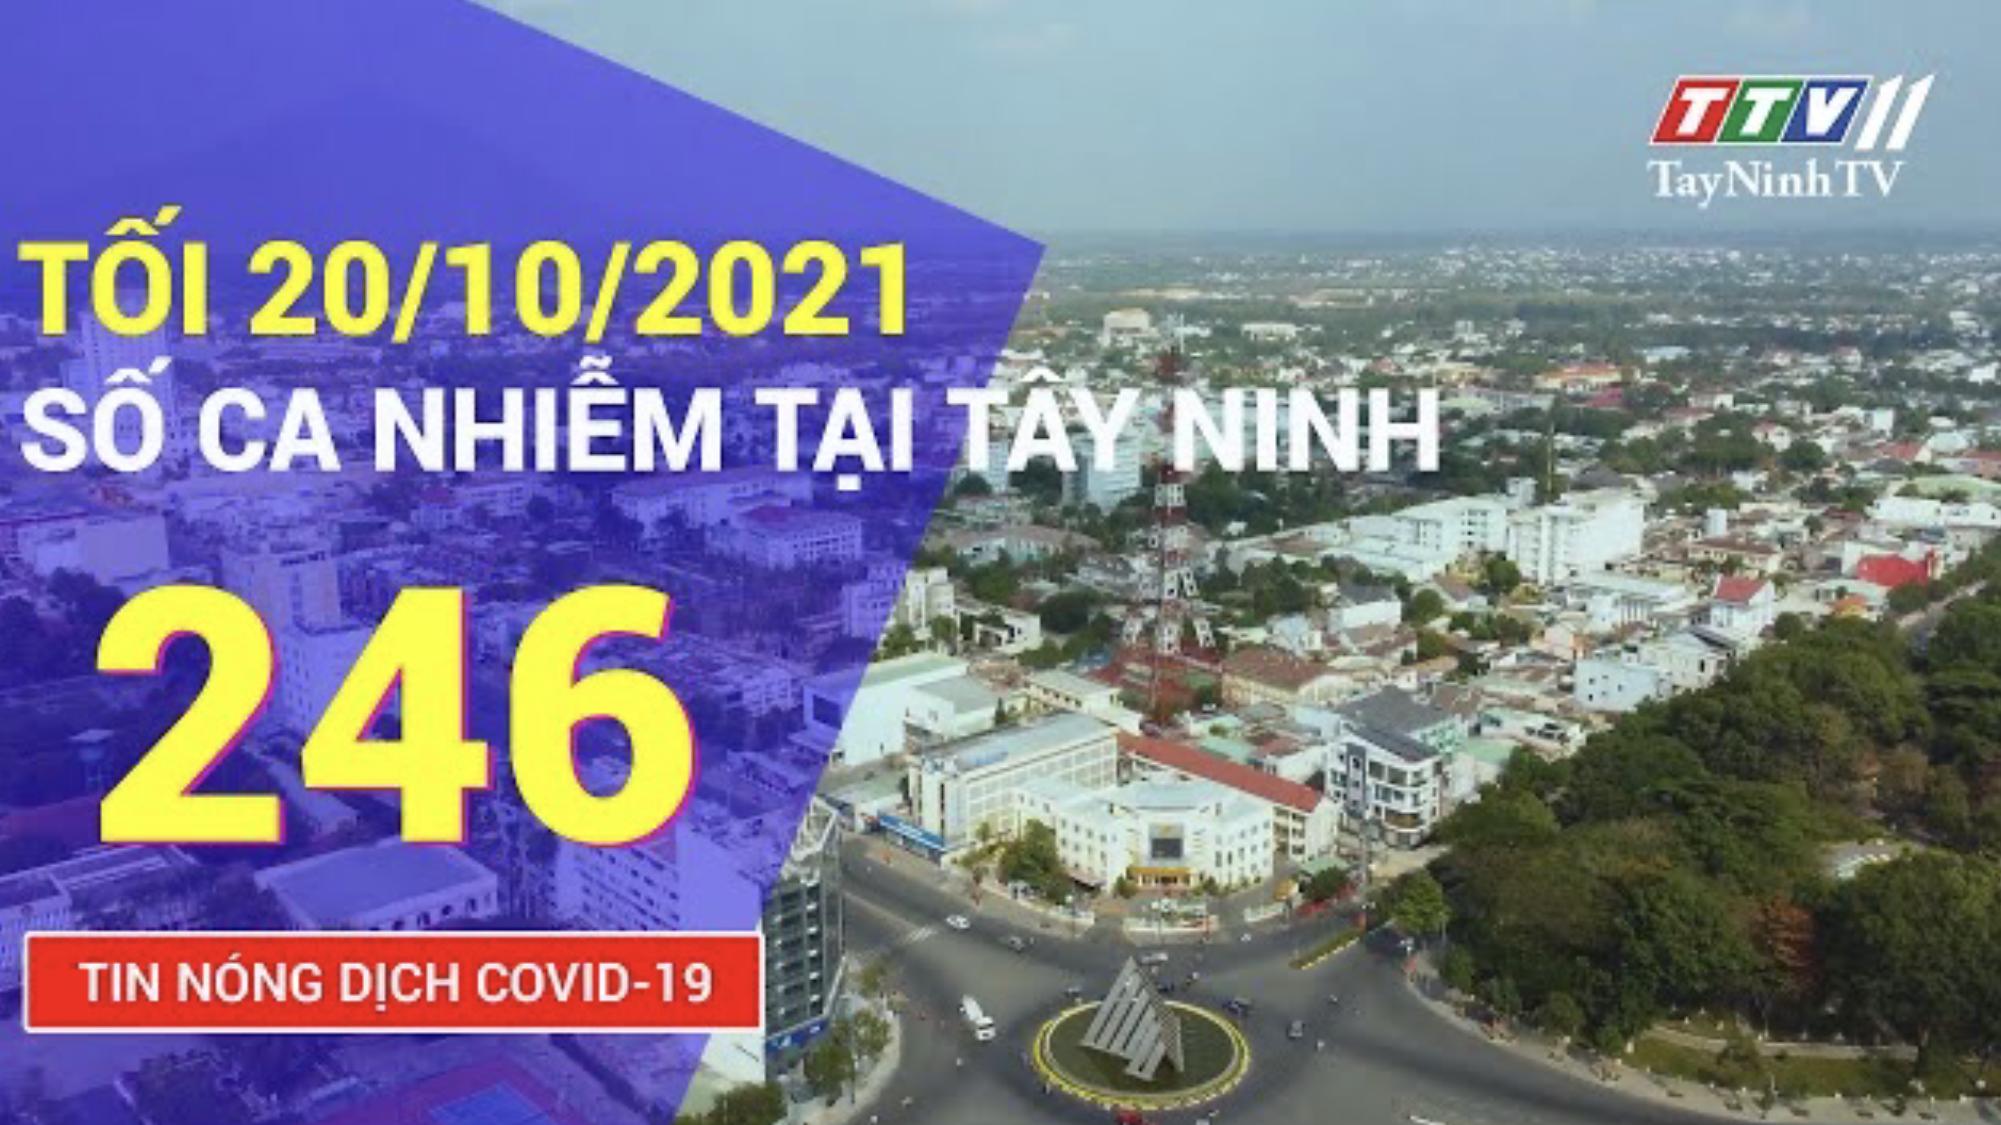 TIN TỨC COVID-19 TỐI 20/10/2021 | Tin tức hôm nay | TayNinhTV